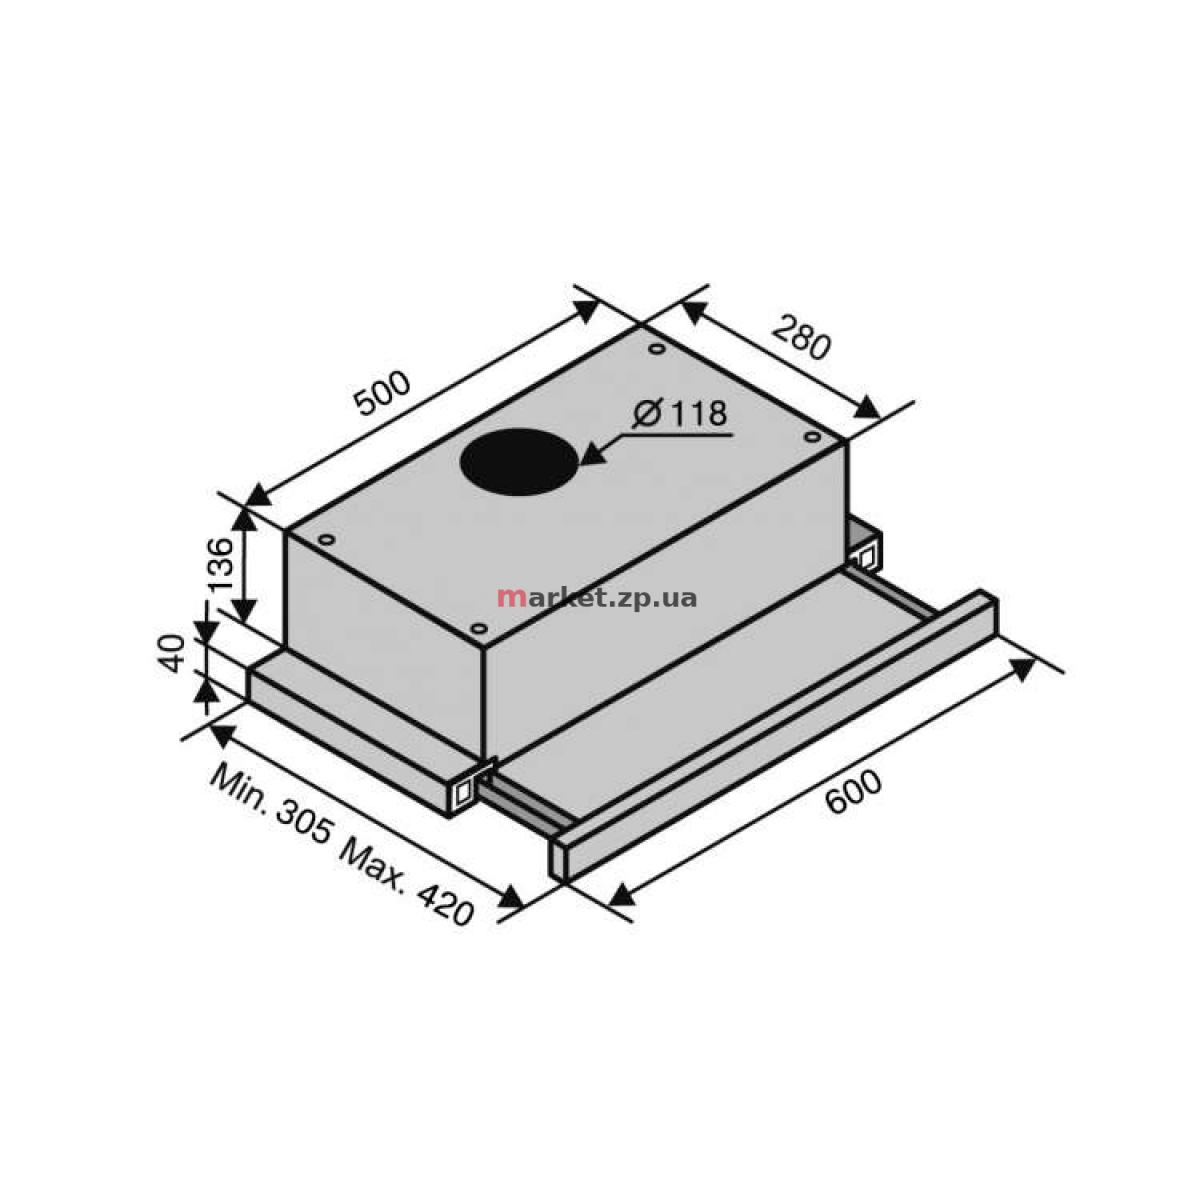 Вытяжка VENTOLUX GARDA 60 WH (800) SMD LED